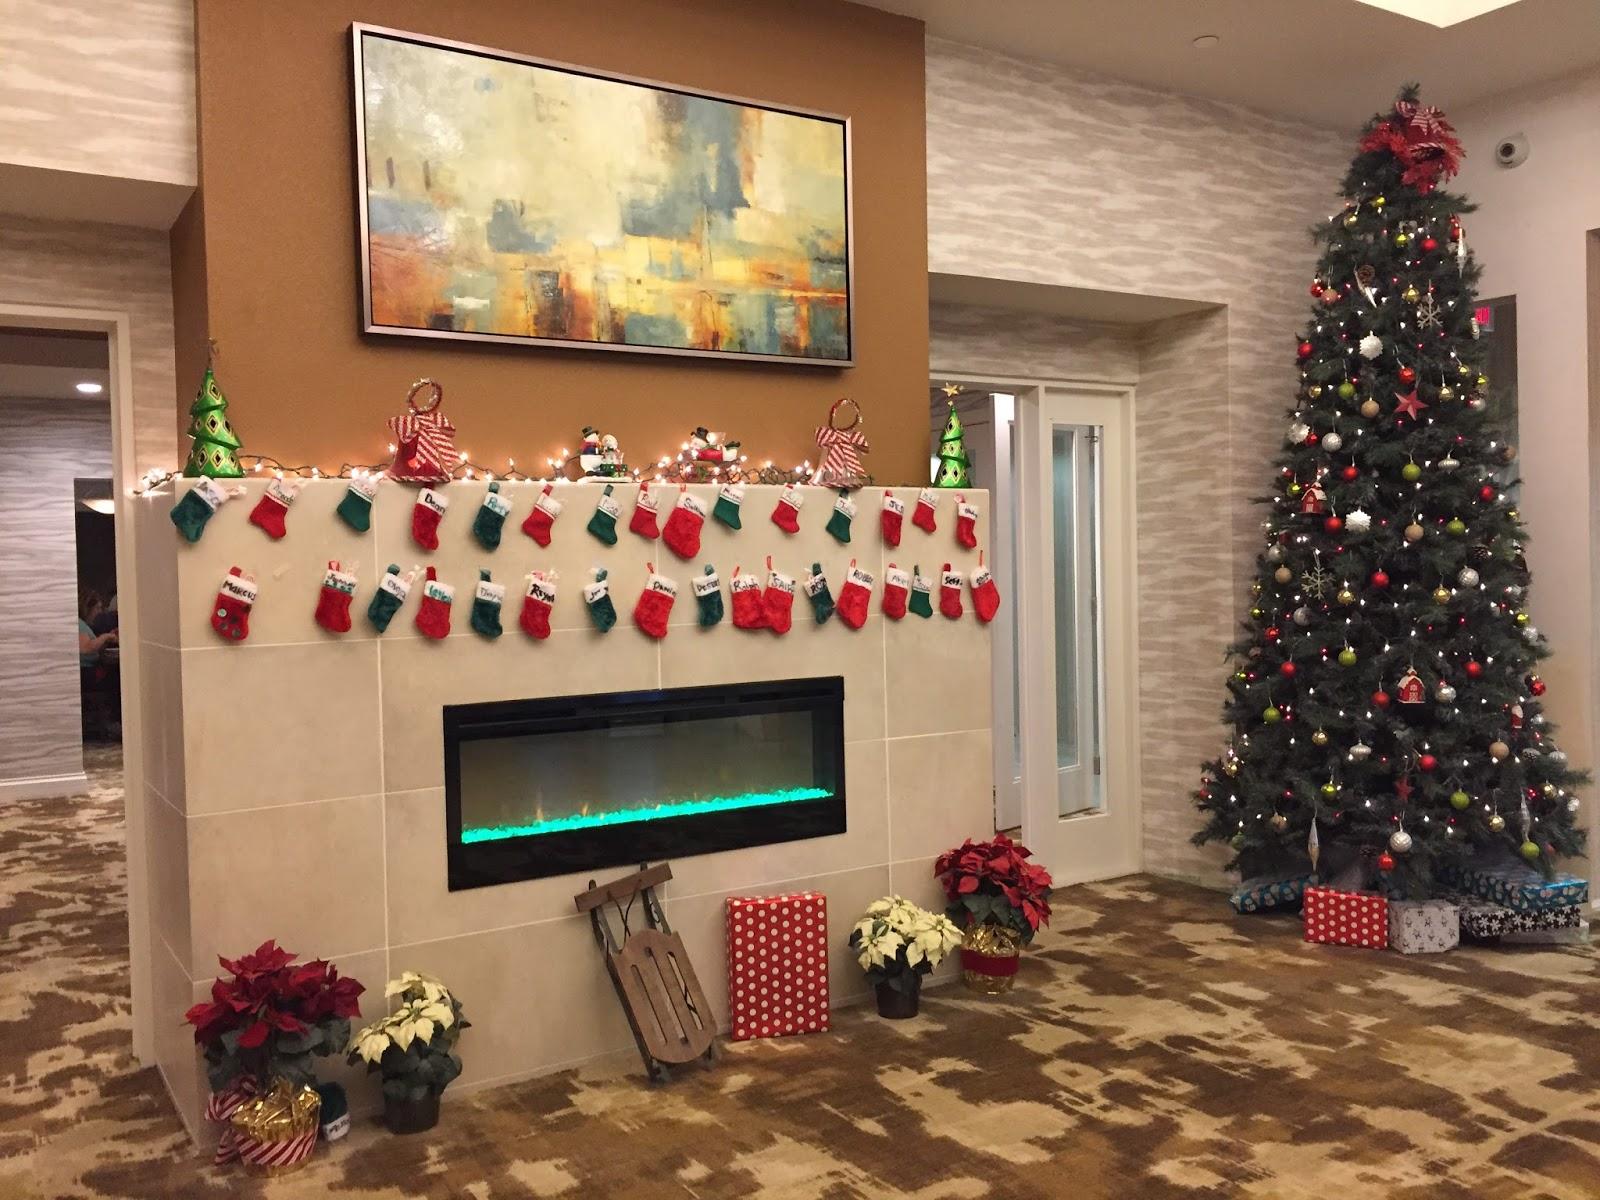 フード&ワインの日々: セドナグルメ:Hilton Garden Inn アリゾナ州 ...